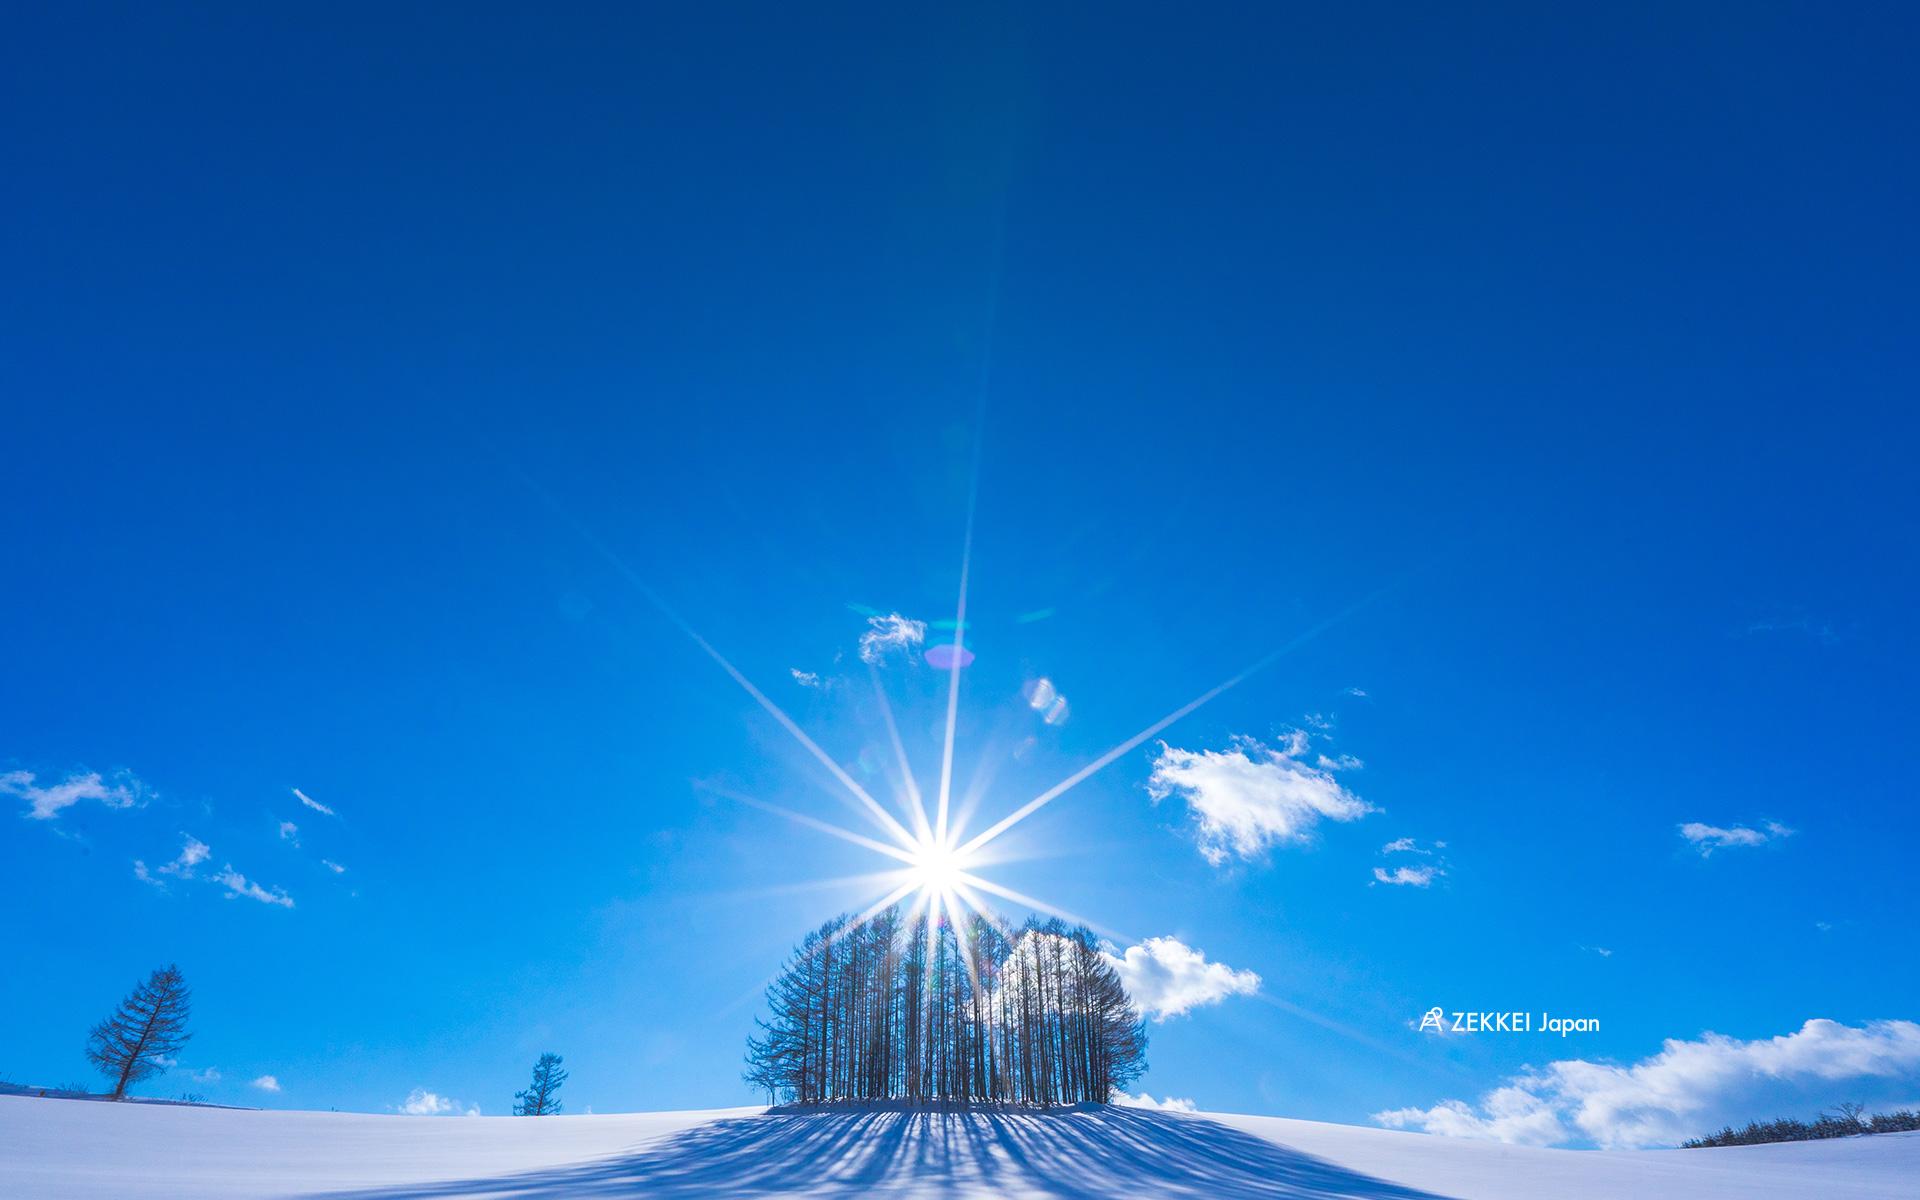 絶景壁紙 白銀の美瑛の壁紙をあなたの手元に Zekkei Japan